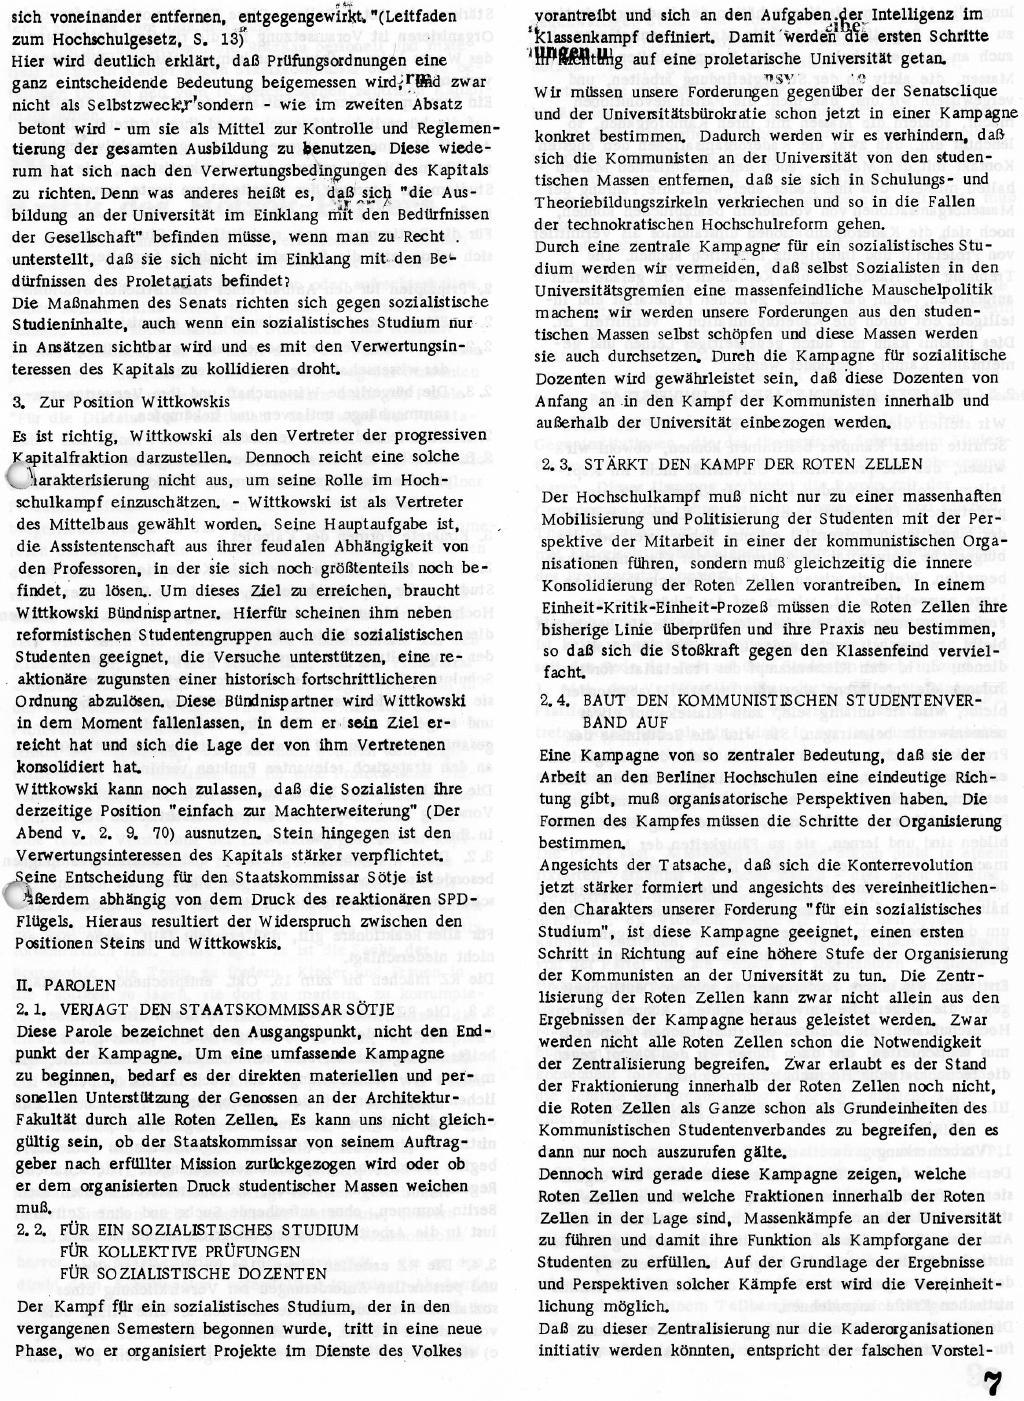 RPK_1970_082_07